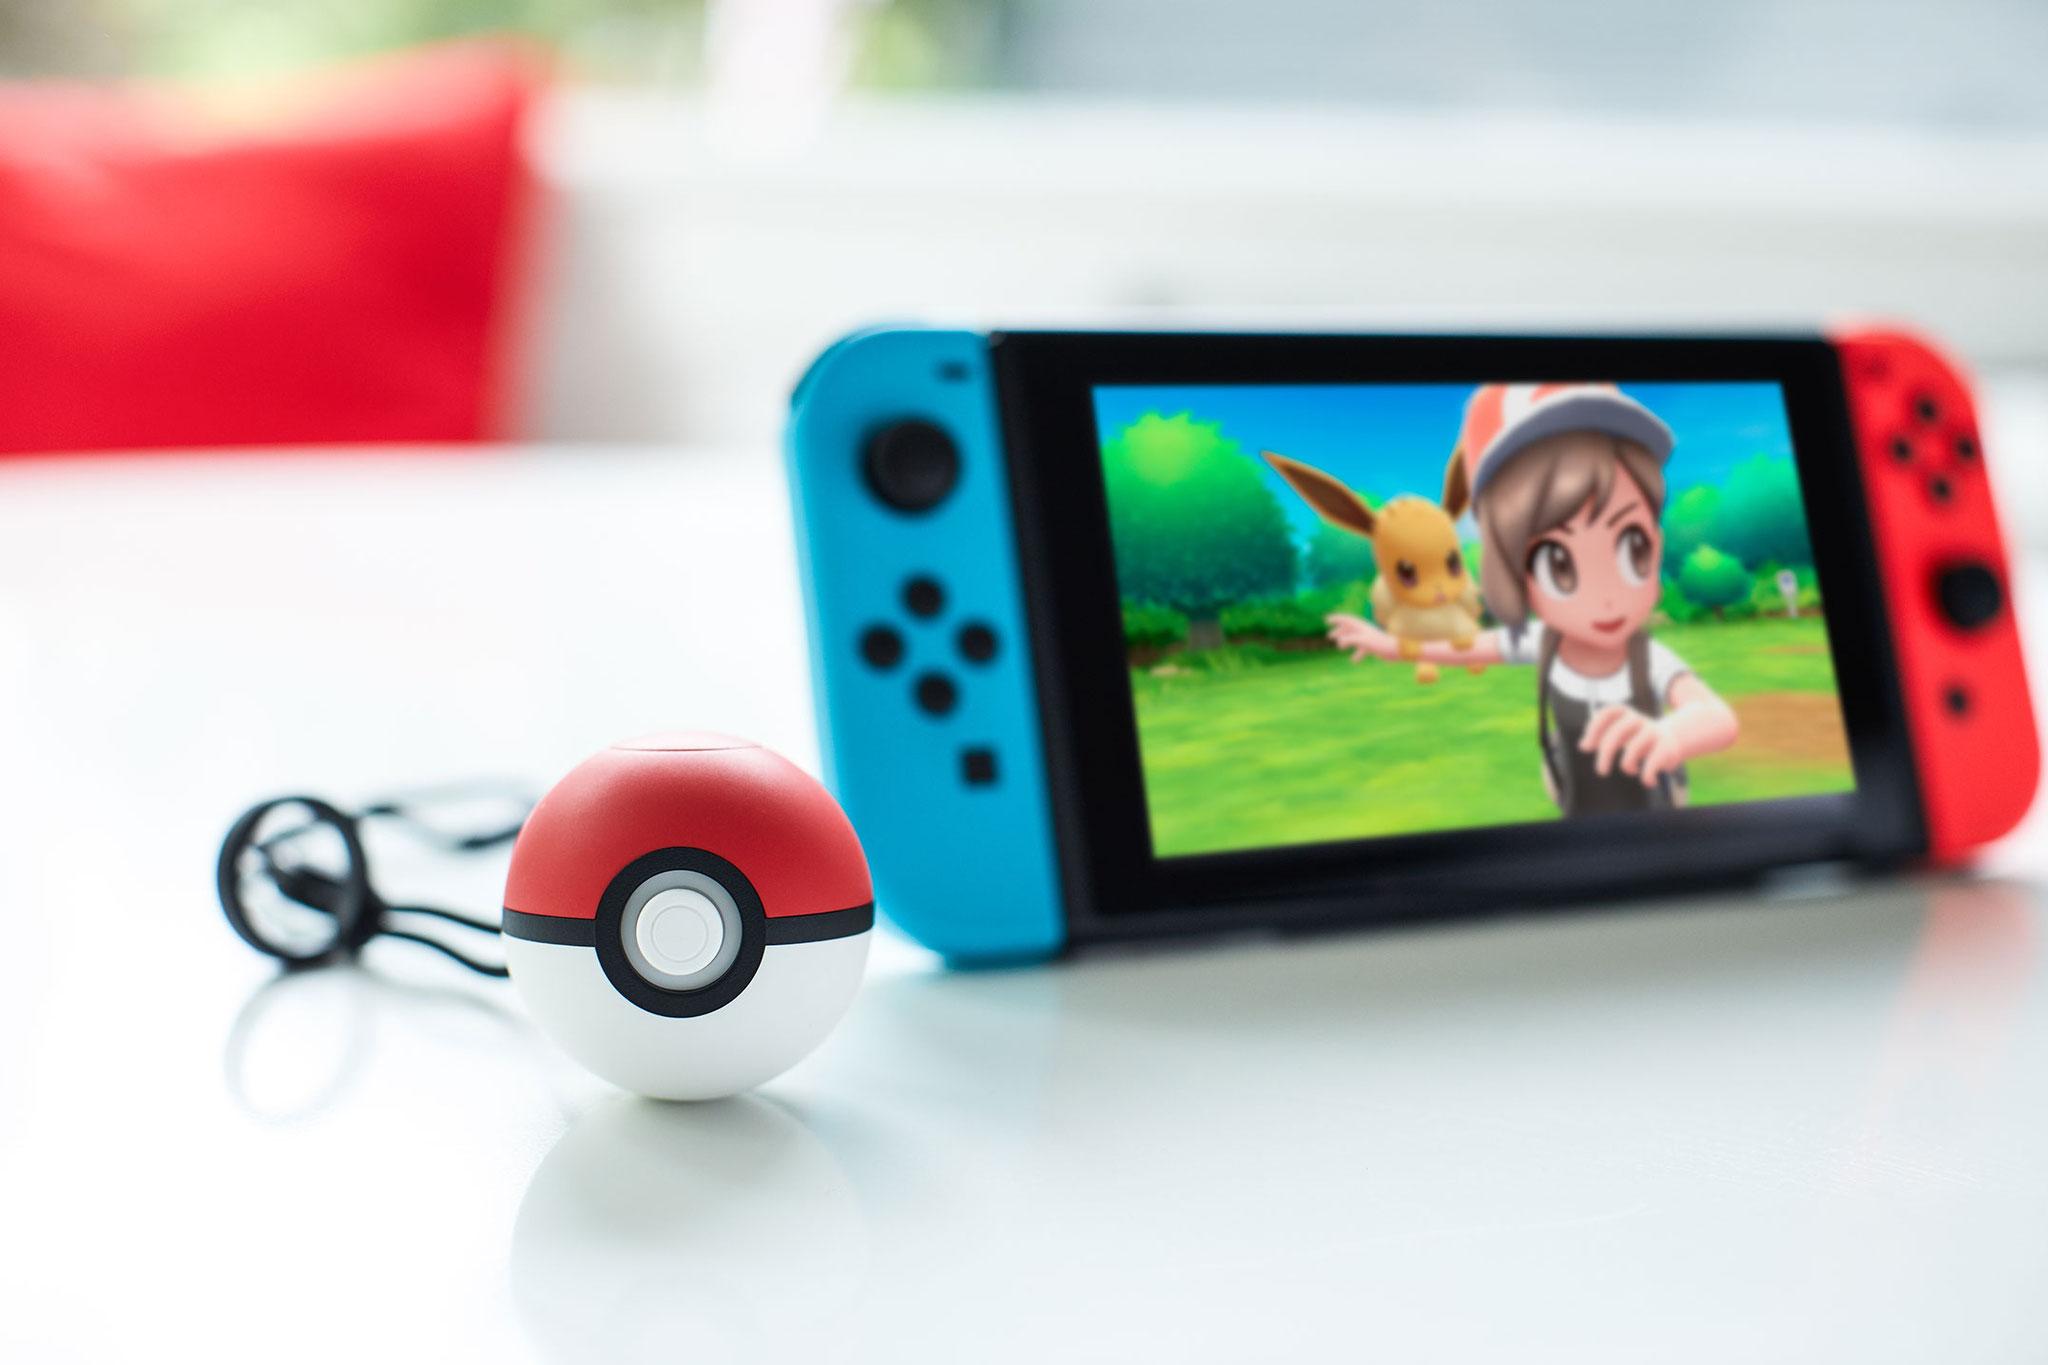 """Gehört zu den wenigen bestätigten Switch-Hits für 2018: """"Pokémon: Let's Go, Pikachu!"""" und """"Let's Go, Evoli!"""" nebst dazu passendem Pokéball."""